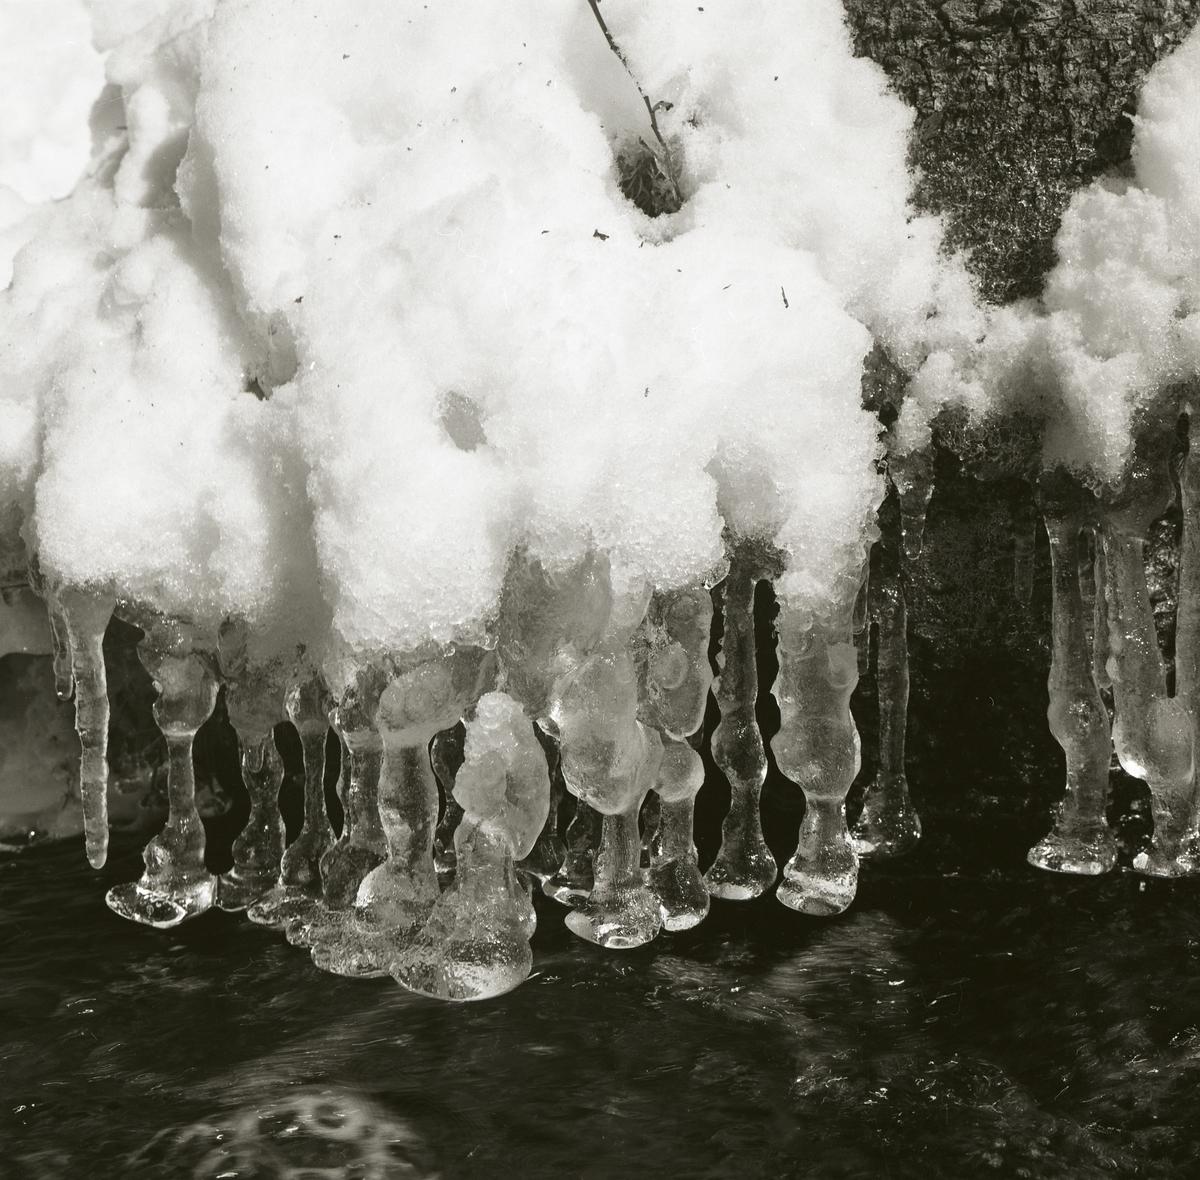 Istappar med bulkig botten vid Svarttjärnsbäcken, april 1967.